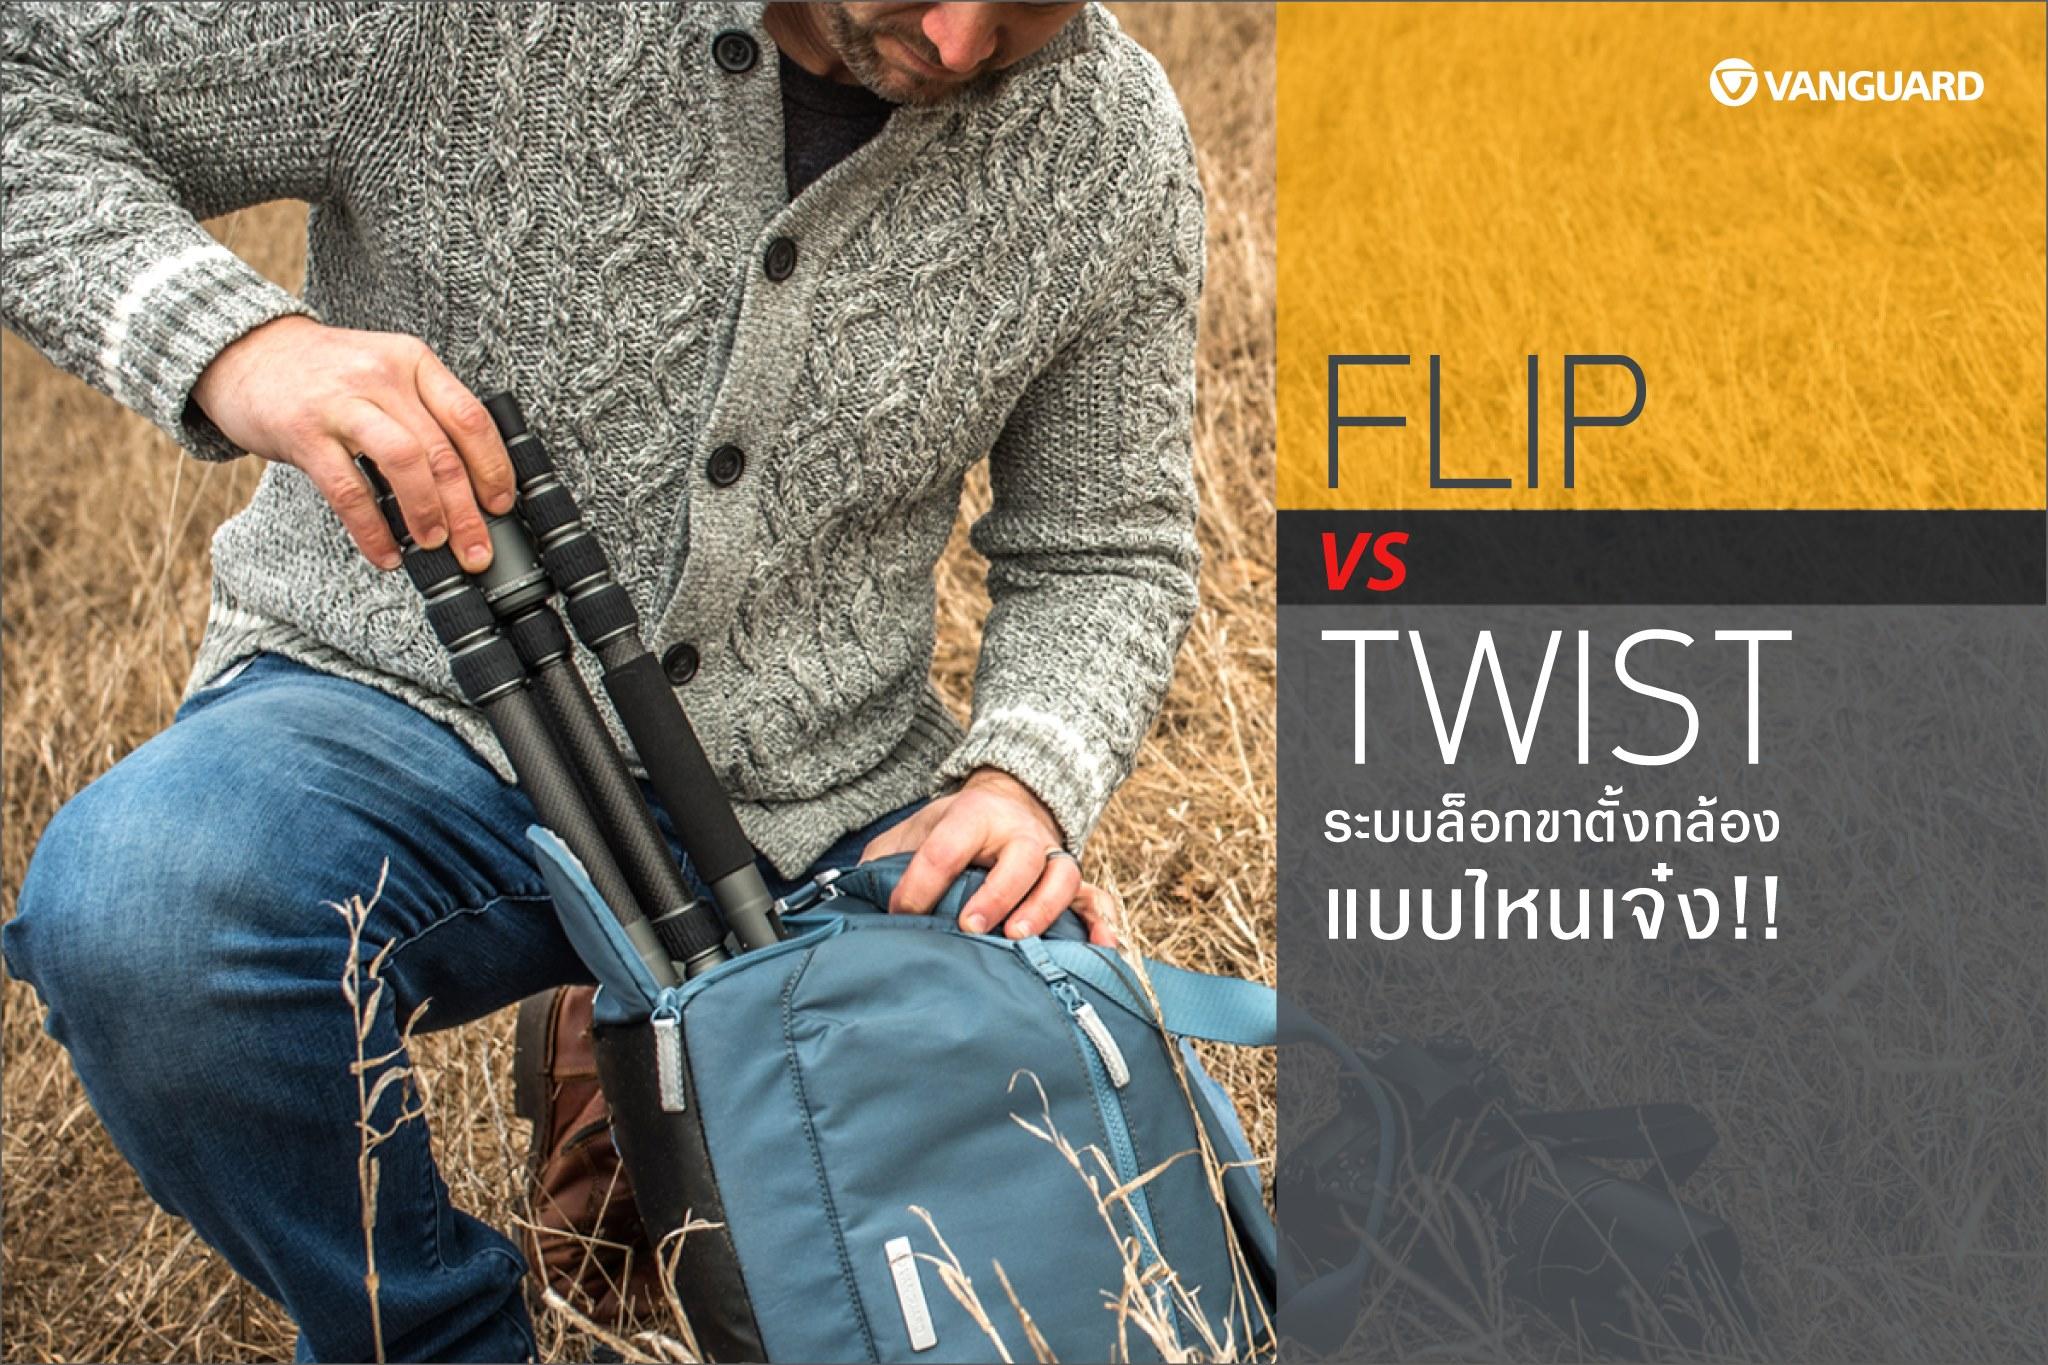 FLIP vs TWIST ระบบขาตั้งกล้องแบบไหนเจ๋ง!!